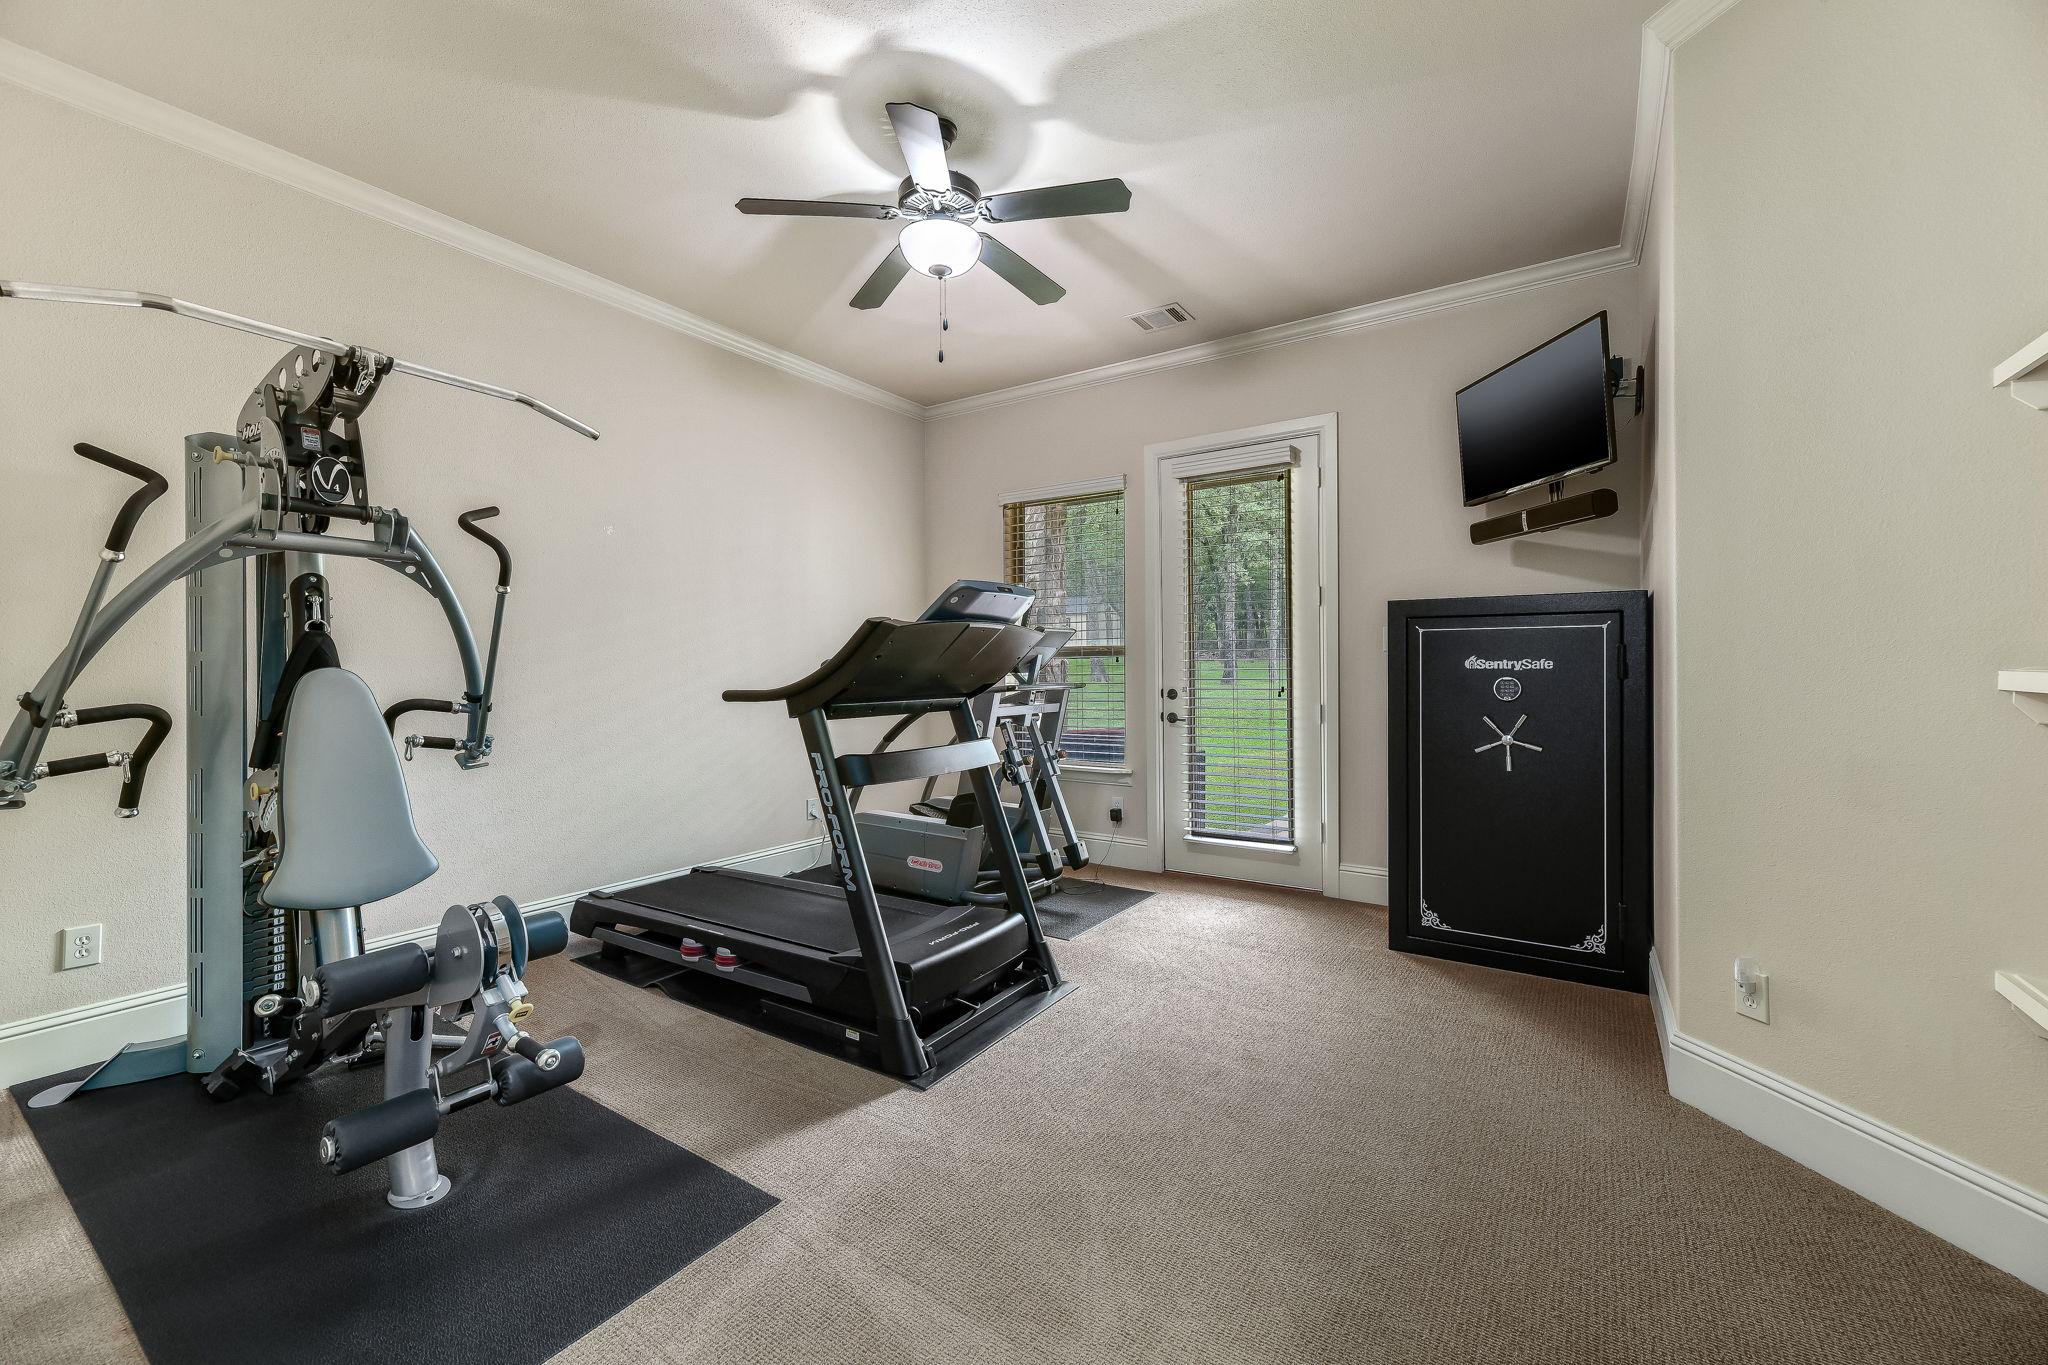 027-Fitness Room-FULL